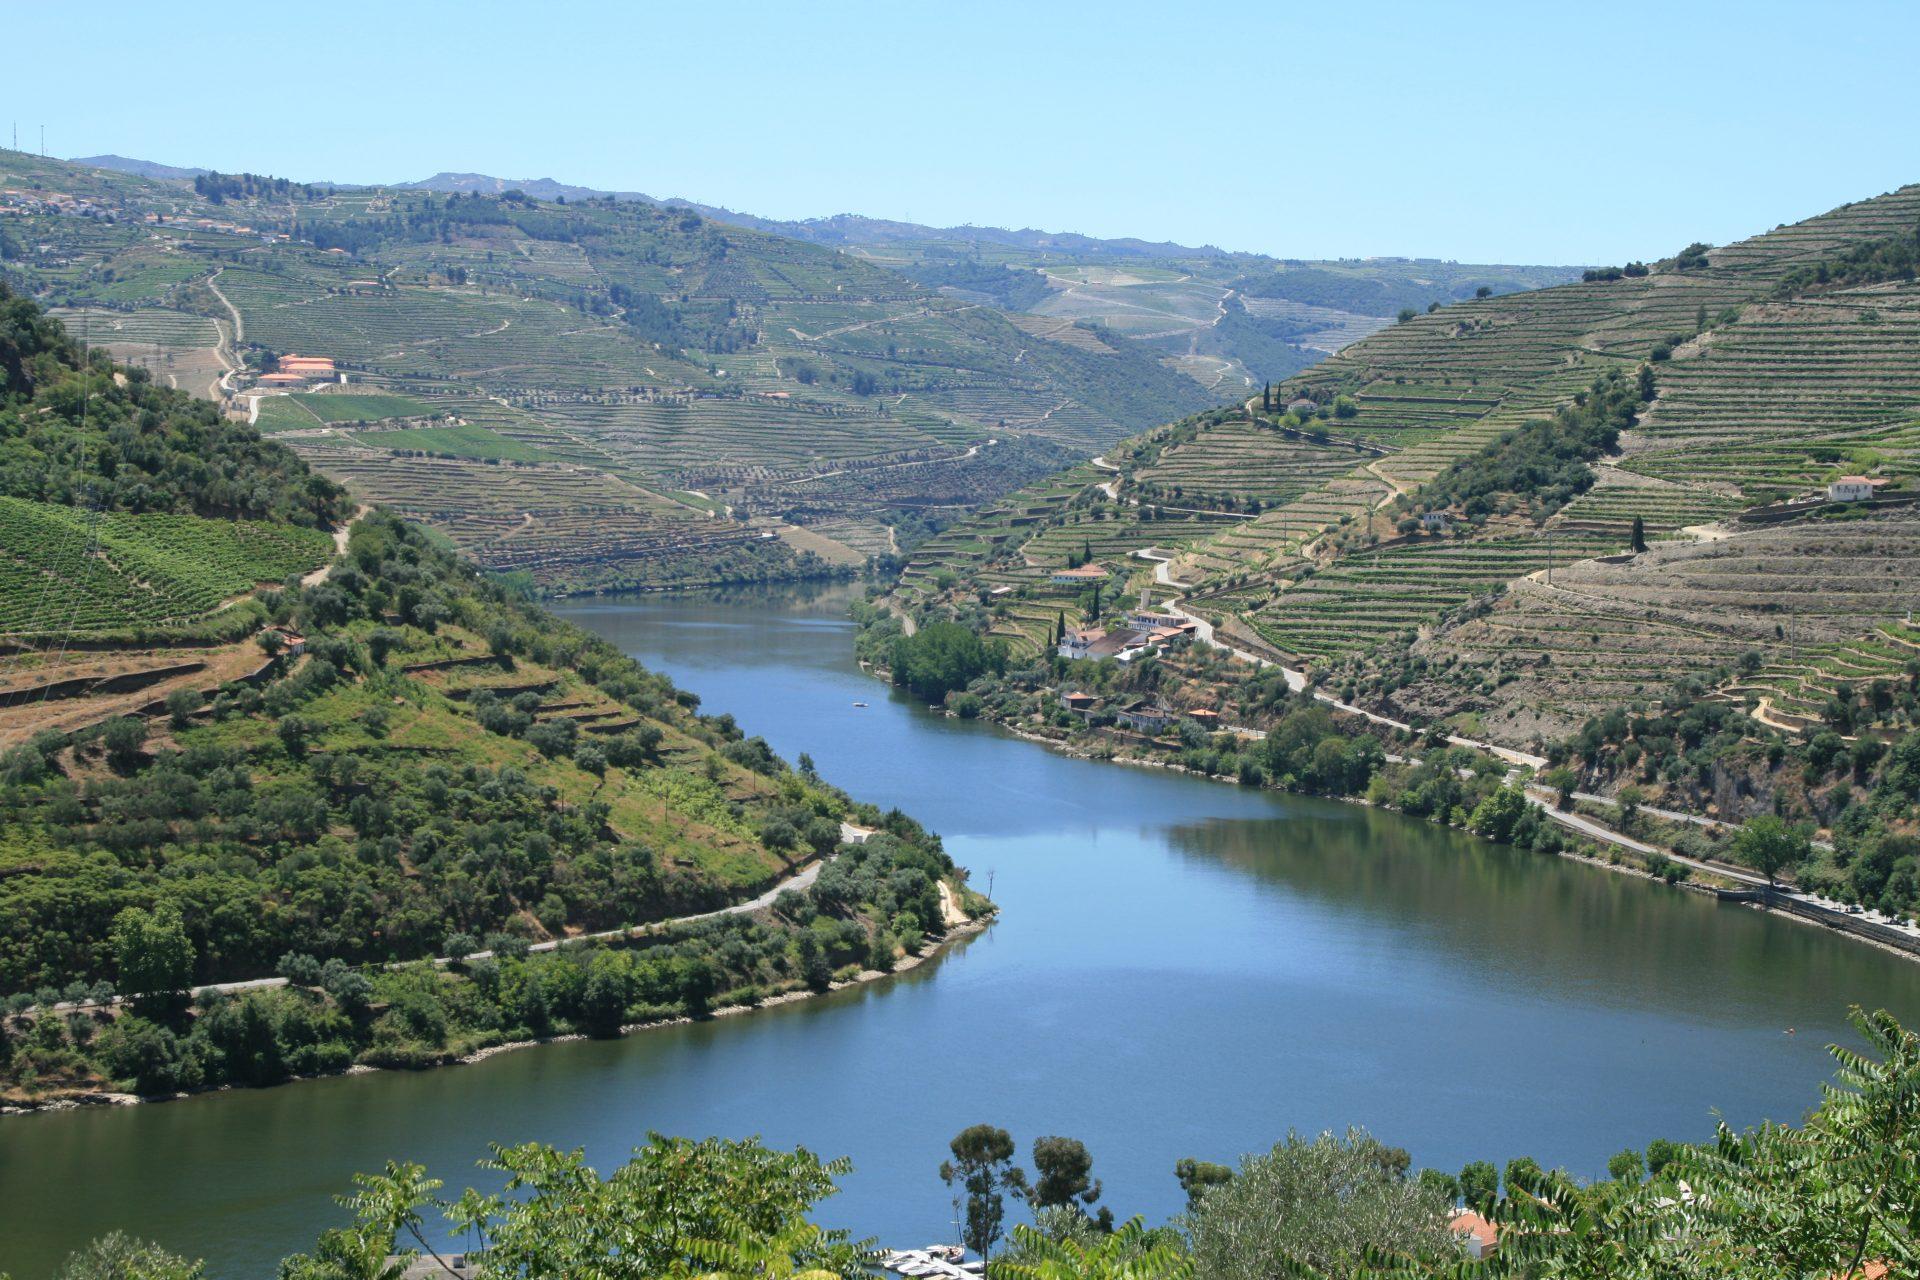 Douro Valley wine region